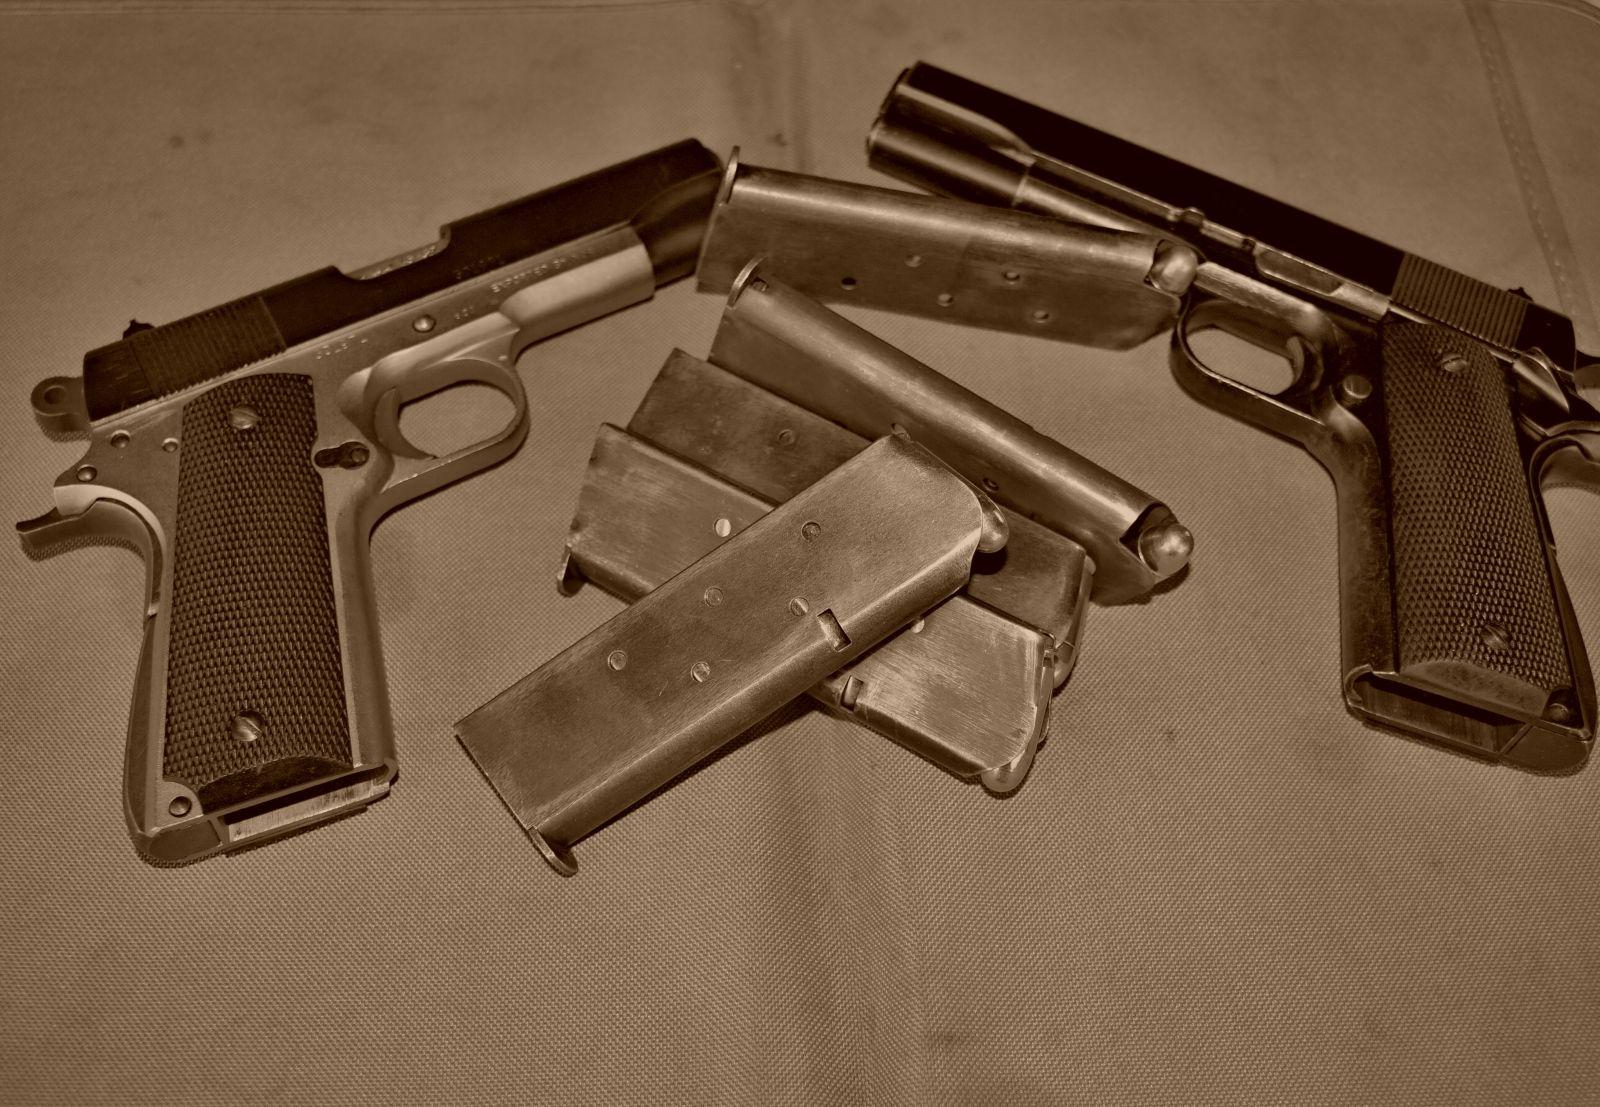 Pistole na zkoušku 5 zbraní nkteam